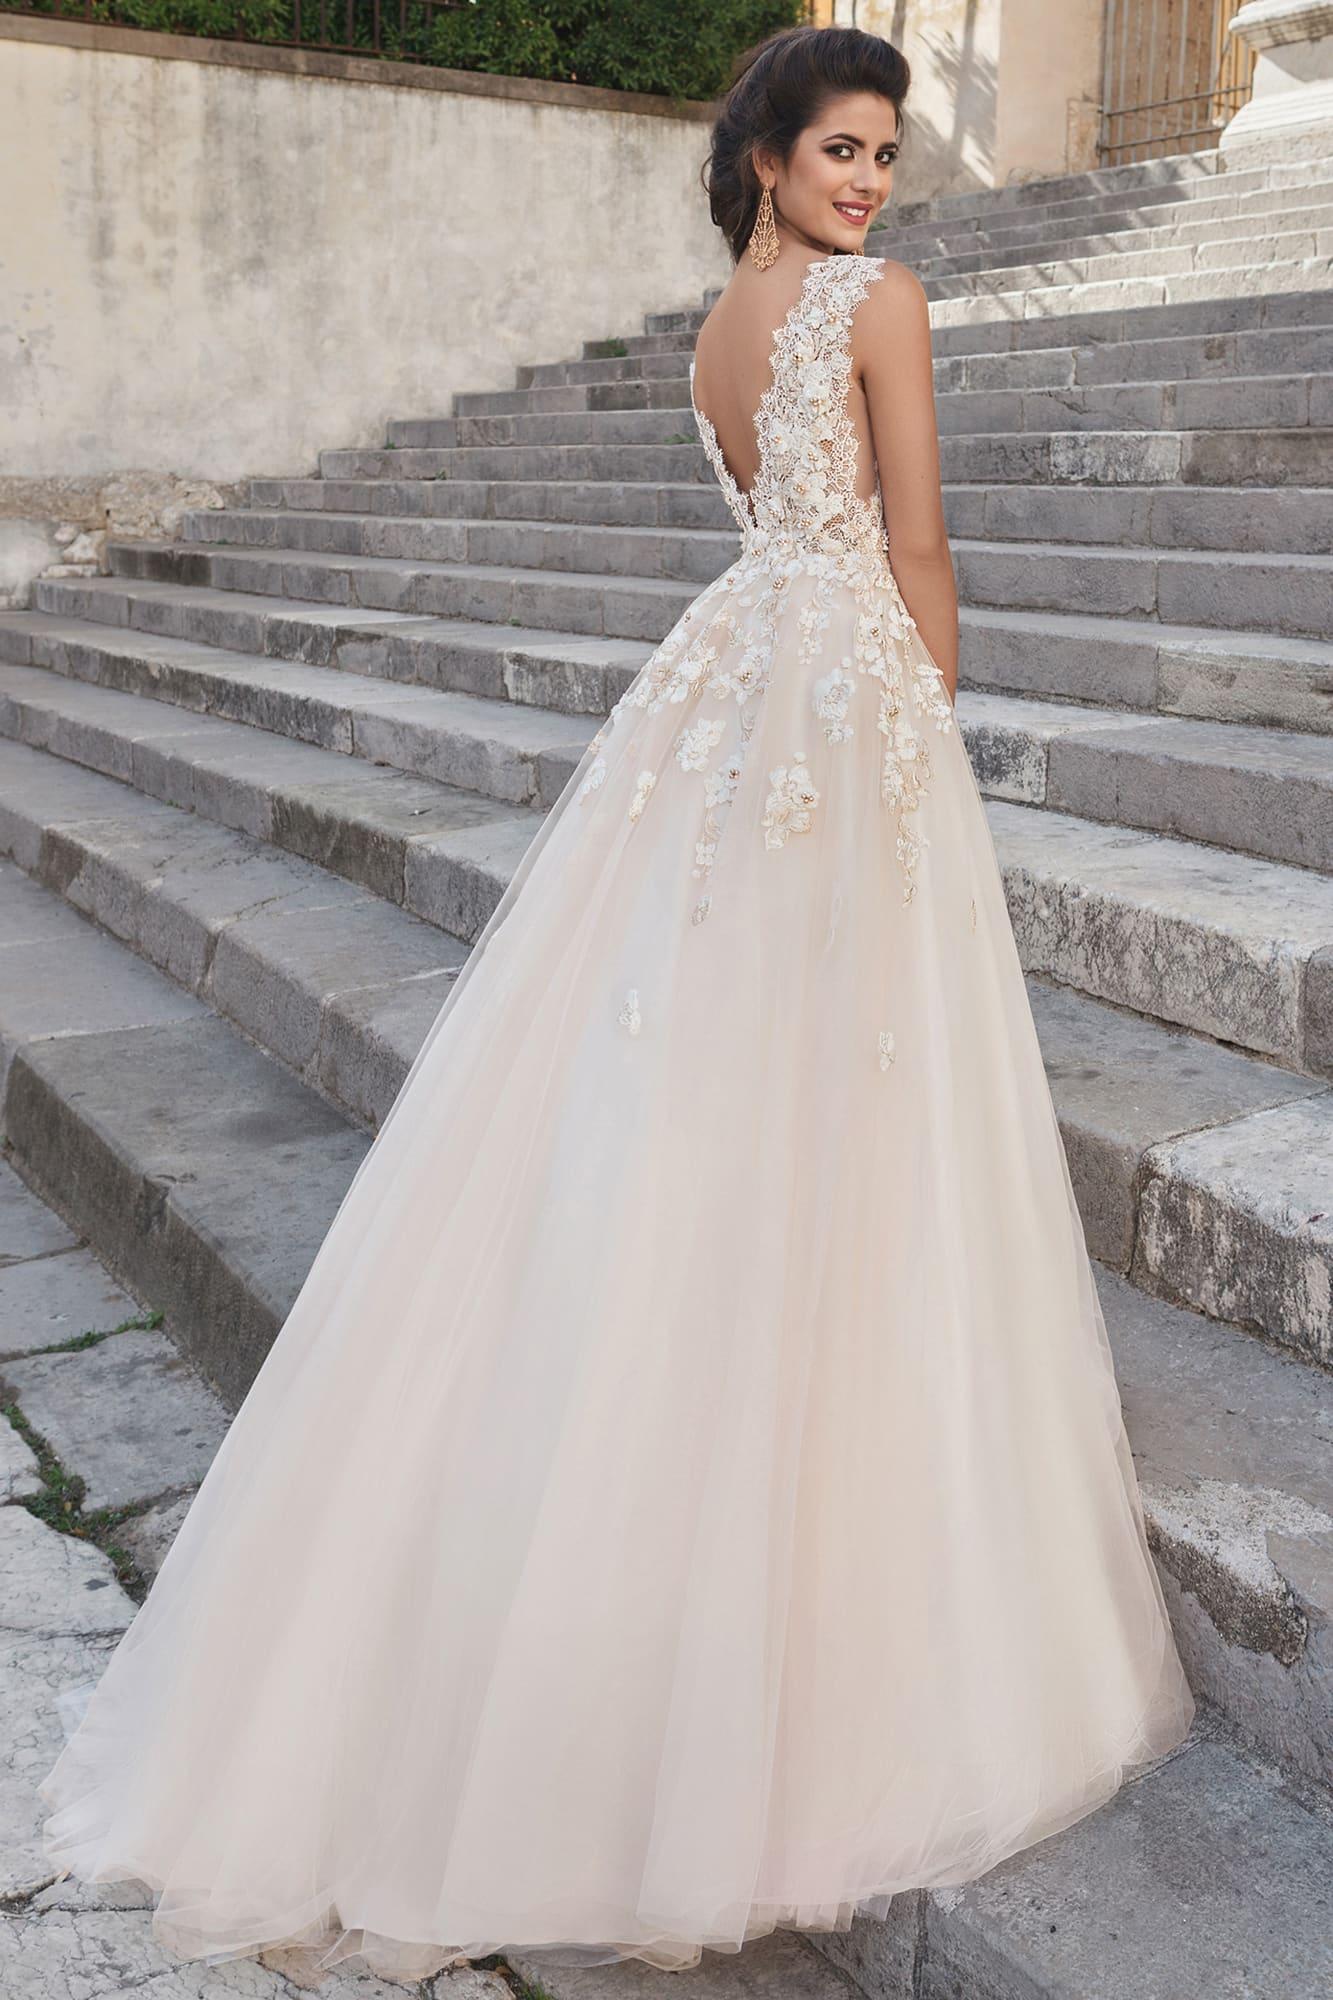 Женственное свадебное платье с пышным силуэтом и цветочным декором по корсету.